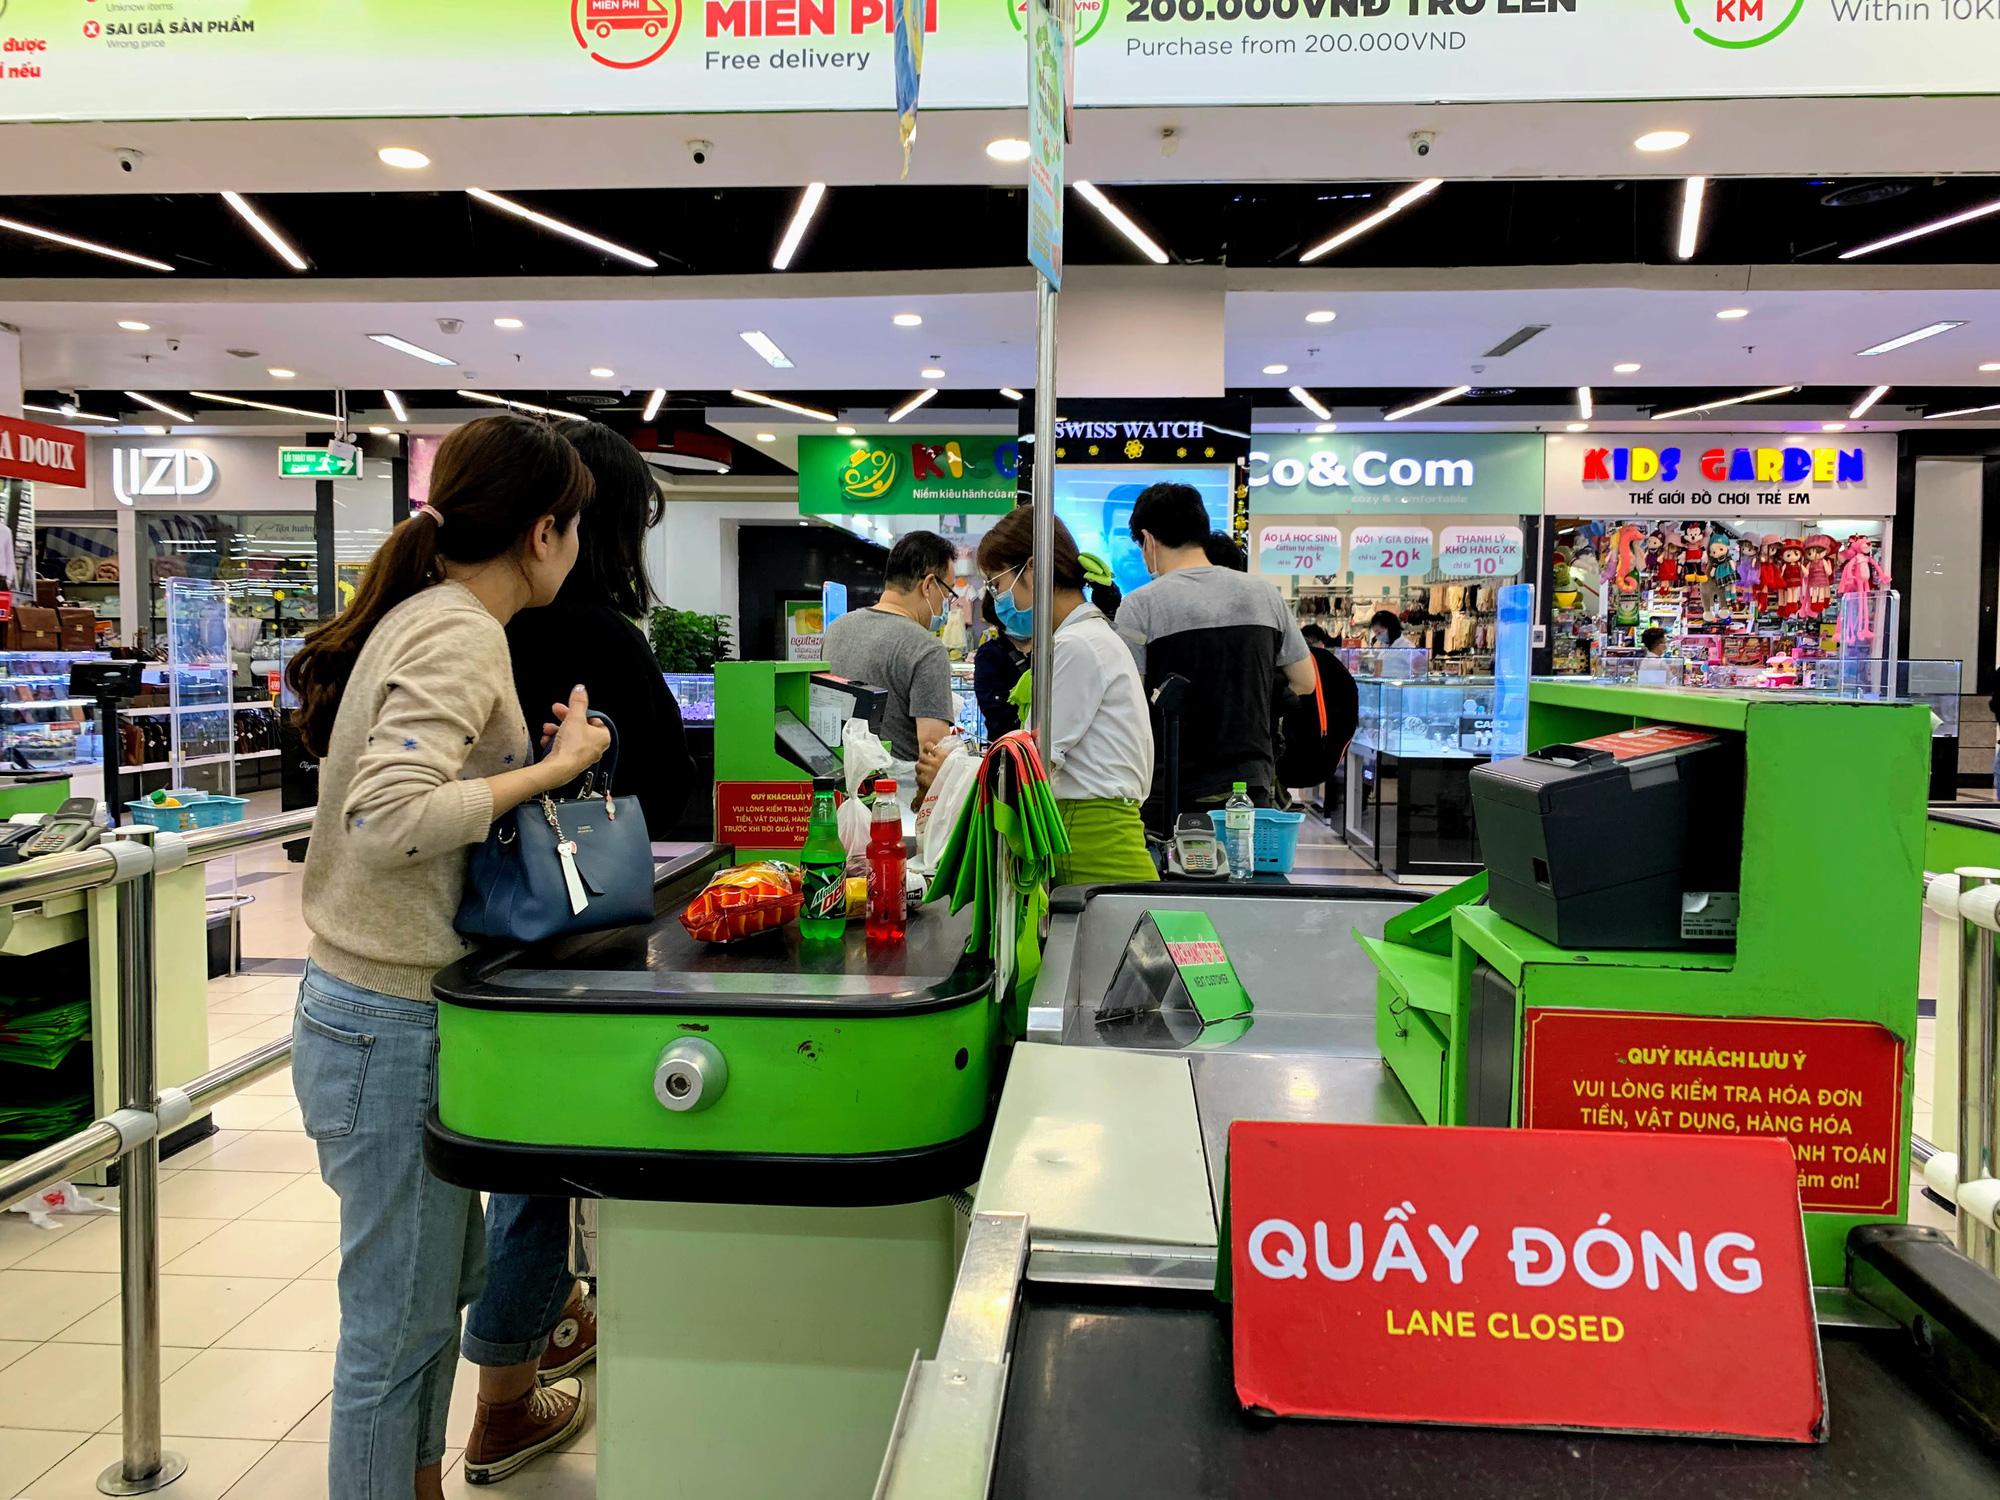 Hàng hoá trở lại đầy ắp trong siêu thị, người dân thảnh thơi mua sắm - Ảnh 4.